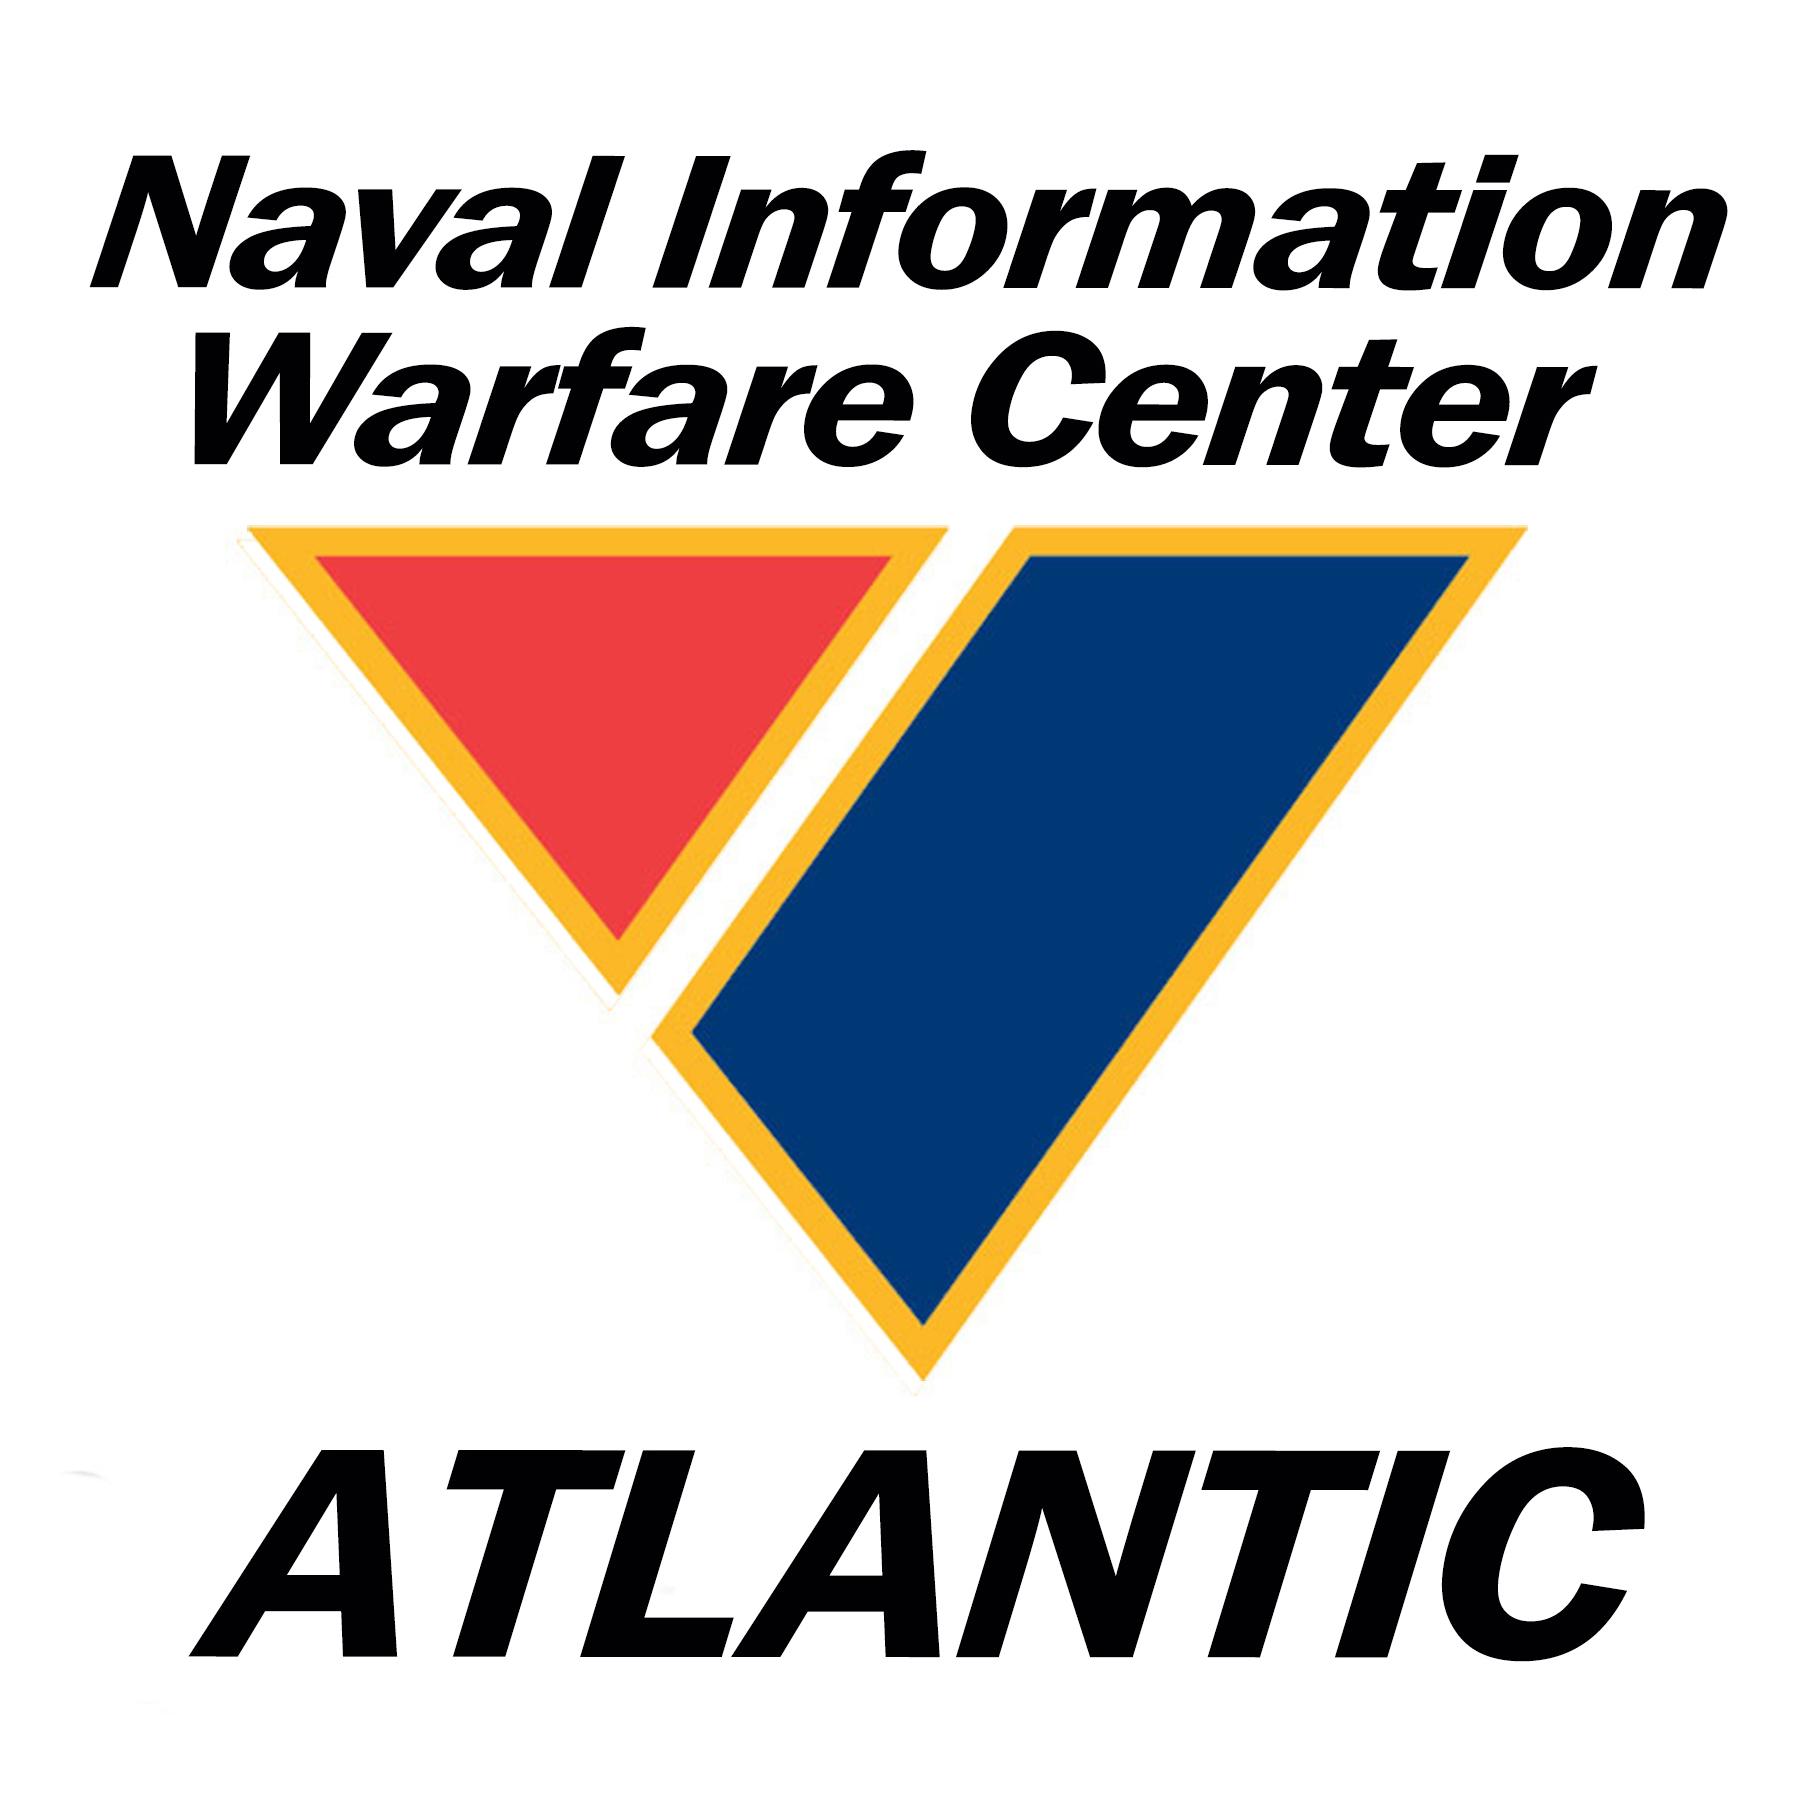 NIWC_ATLANTIC LOGO WHT_300dpi-1.jpg